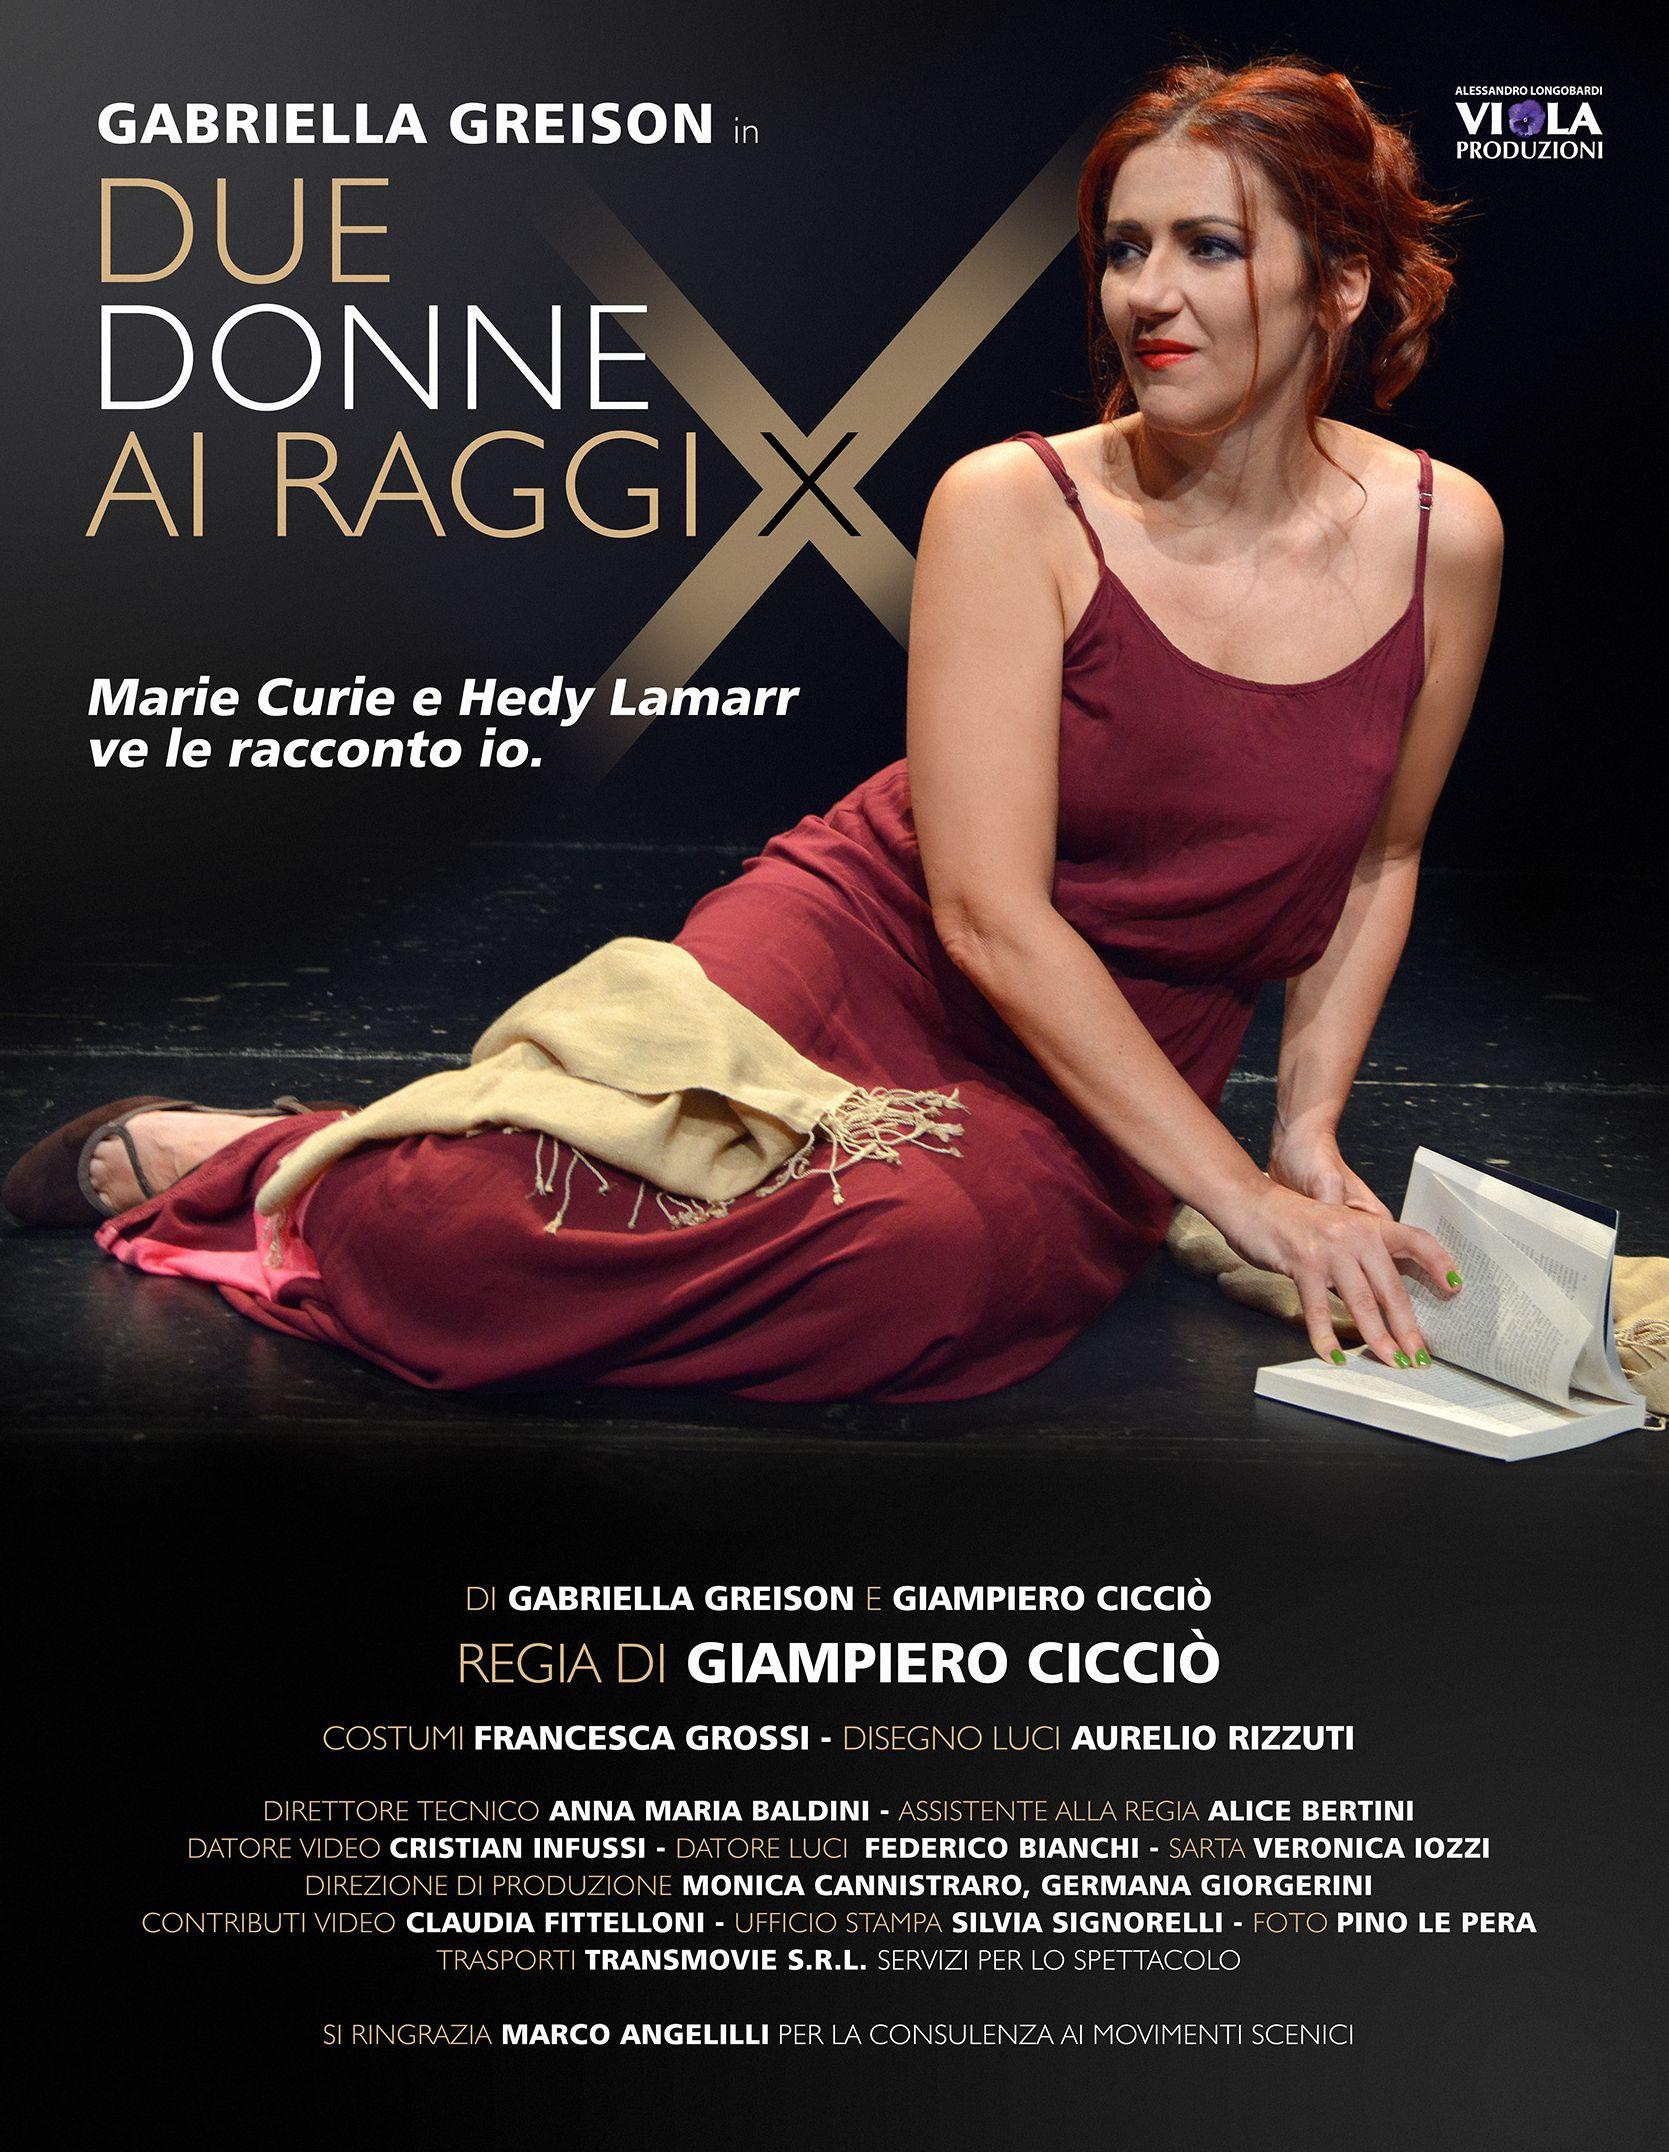 Ecco i primi scatti fotografici, la locandina e un po' di rassegna stampa…DUE DONNE AI RAGGI X è al Teatro Sala Umberto di Roma martedì 7 novembre ore 21!!!!